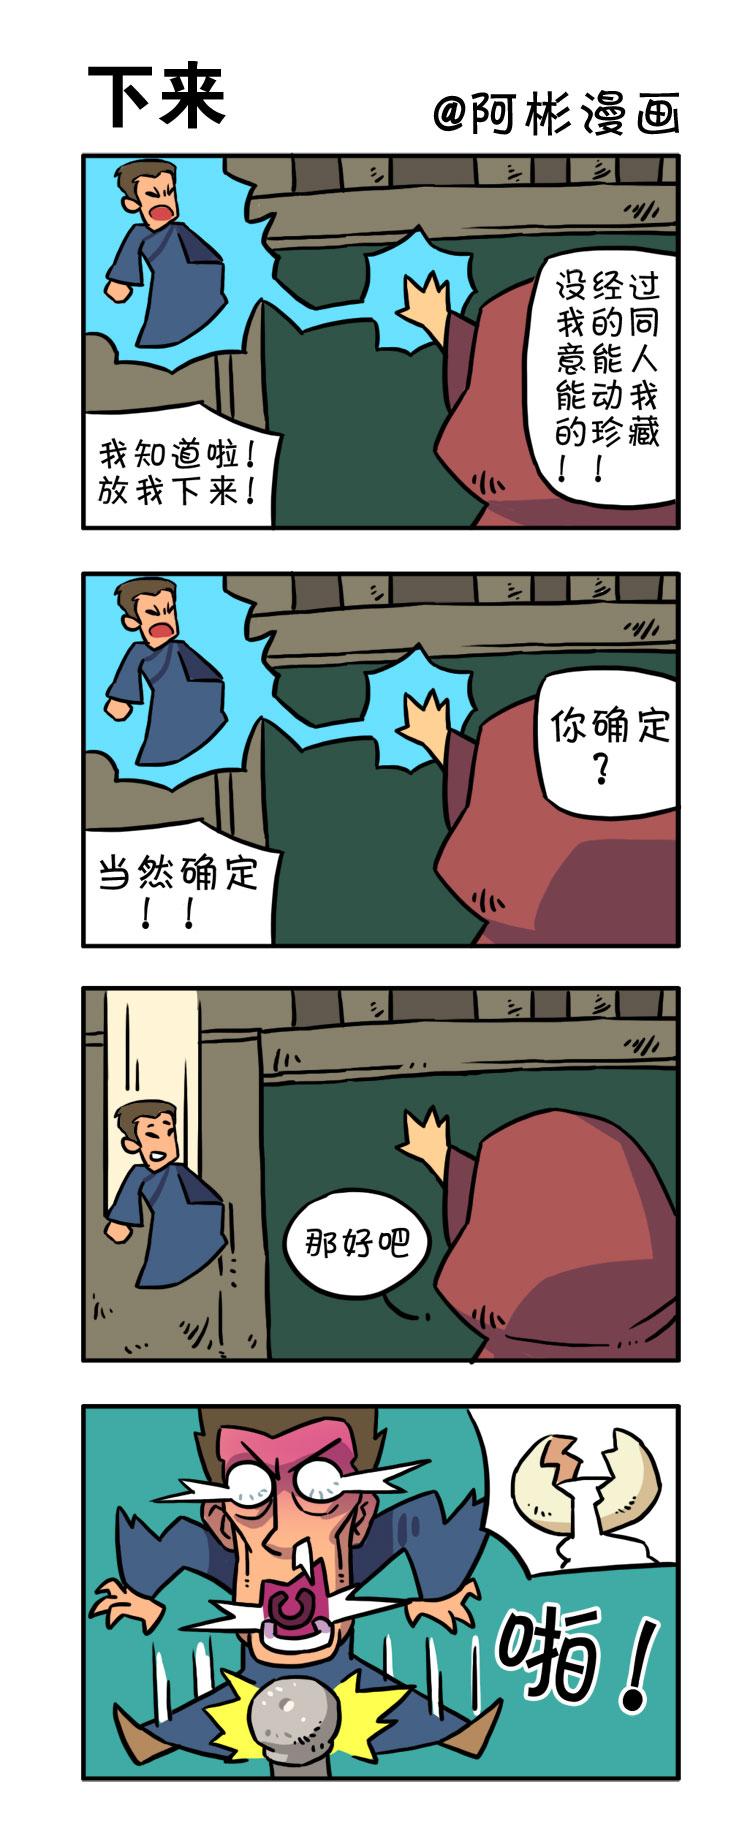 查看《【电影漫漫看】魔兽系列1》原图,原图尺寸:750x1836